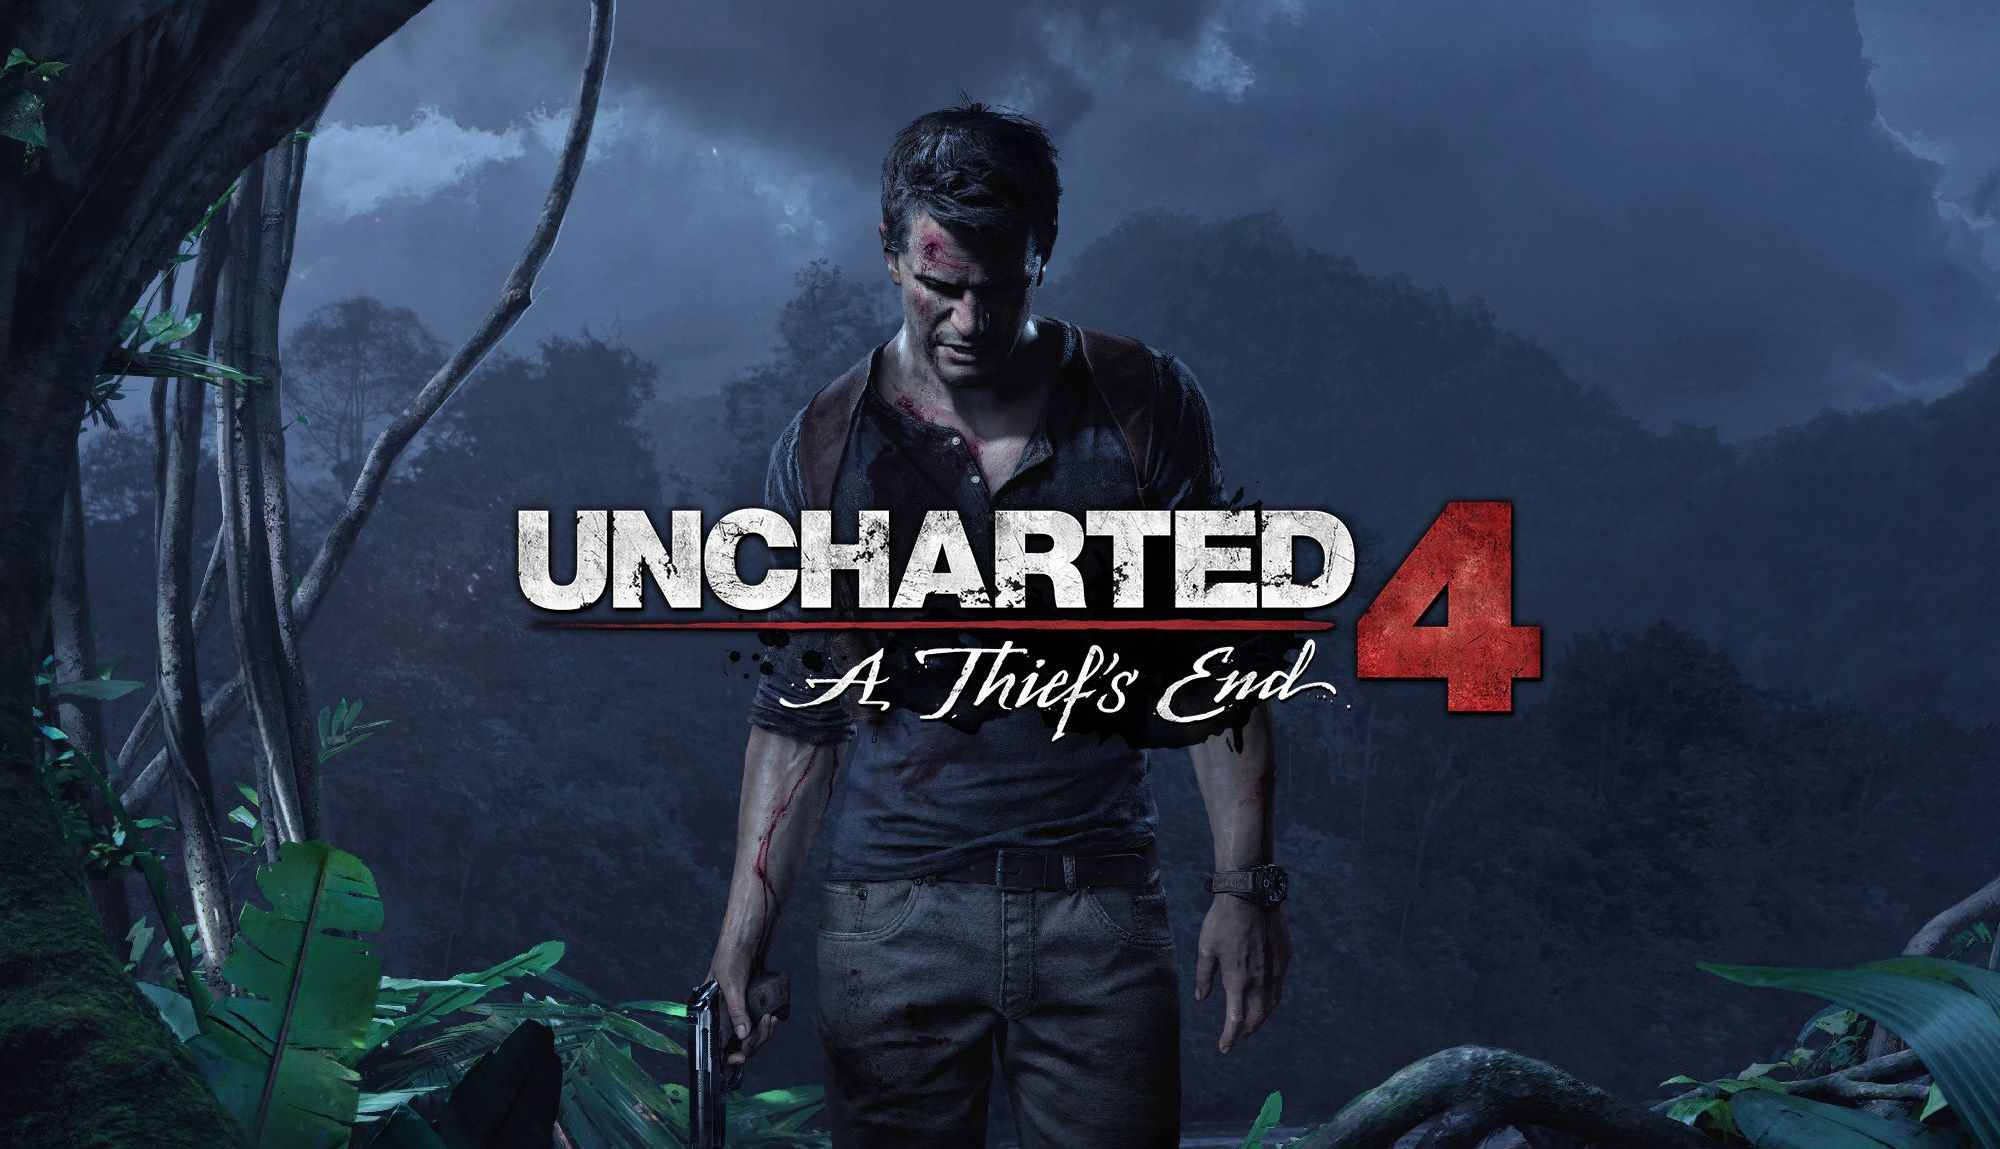 Актер и сценарист Тодд Стэшвик выбыл из числа участников следующей игры серии Uncharted